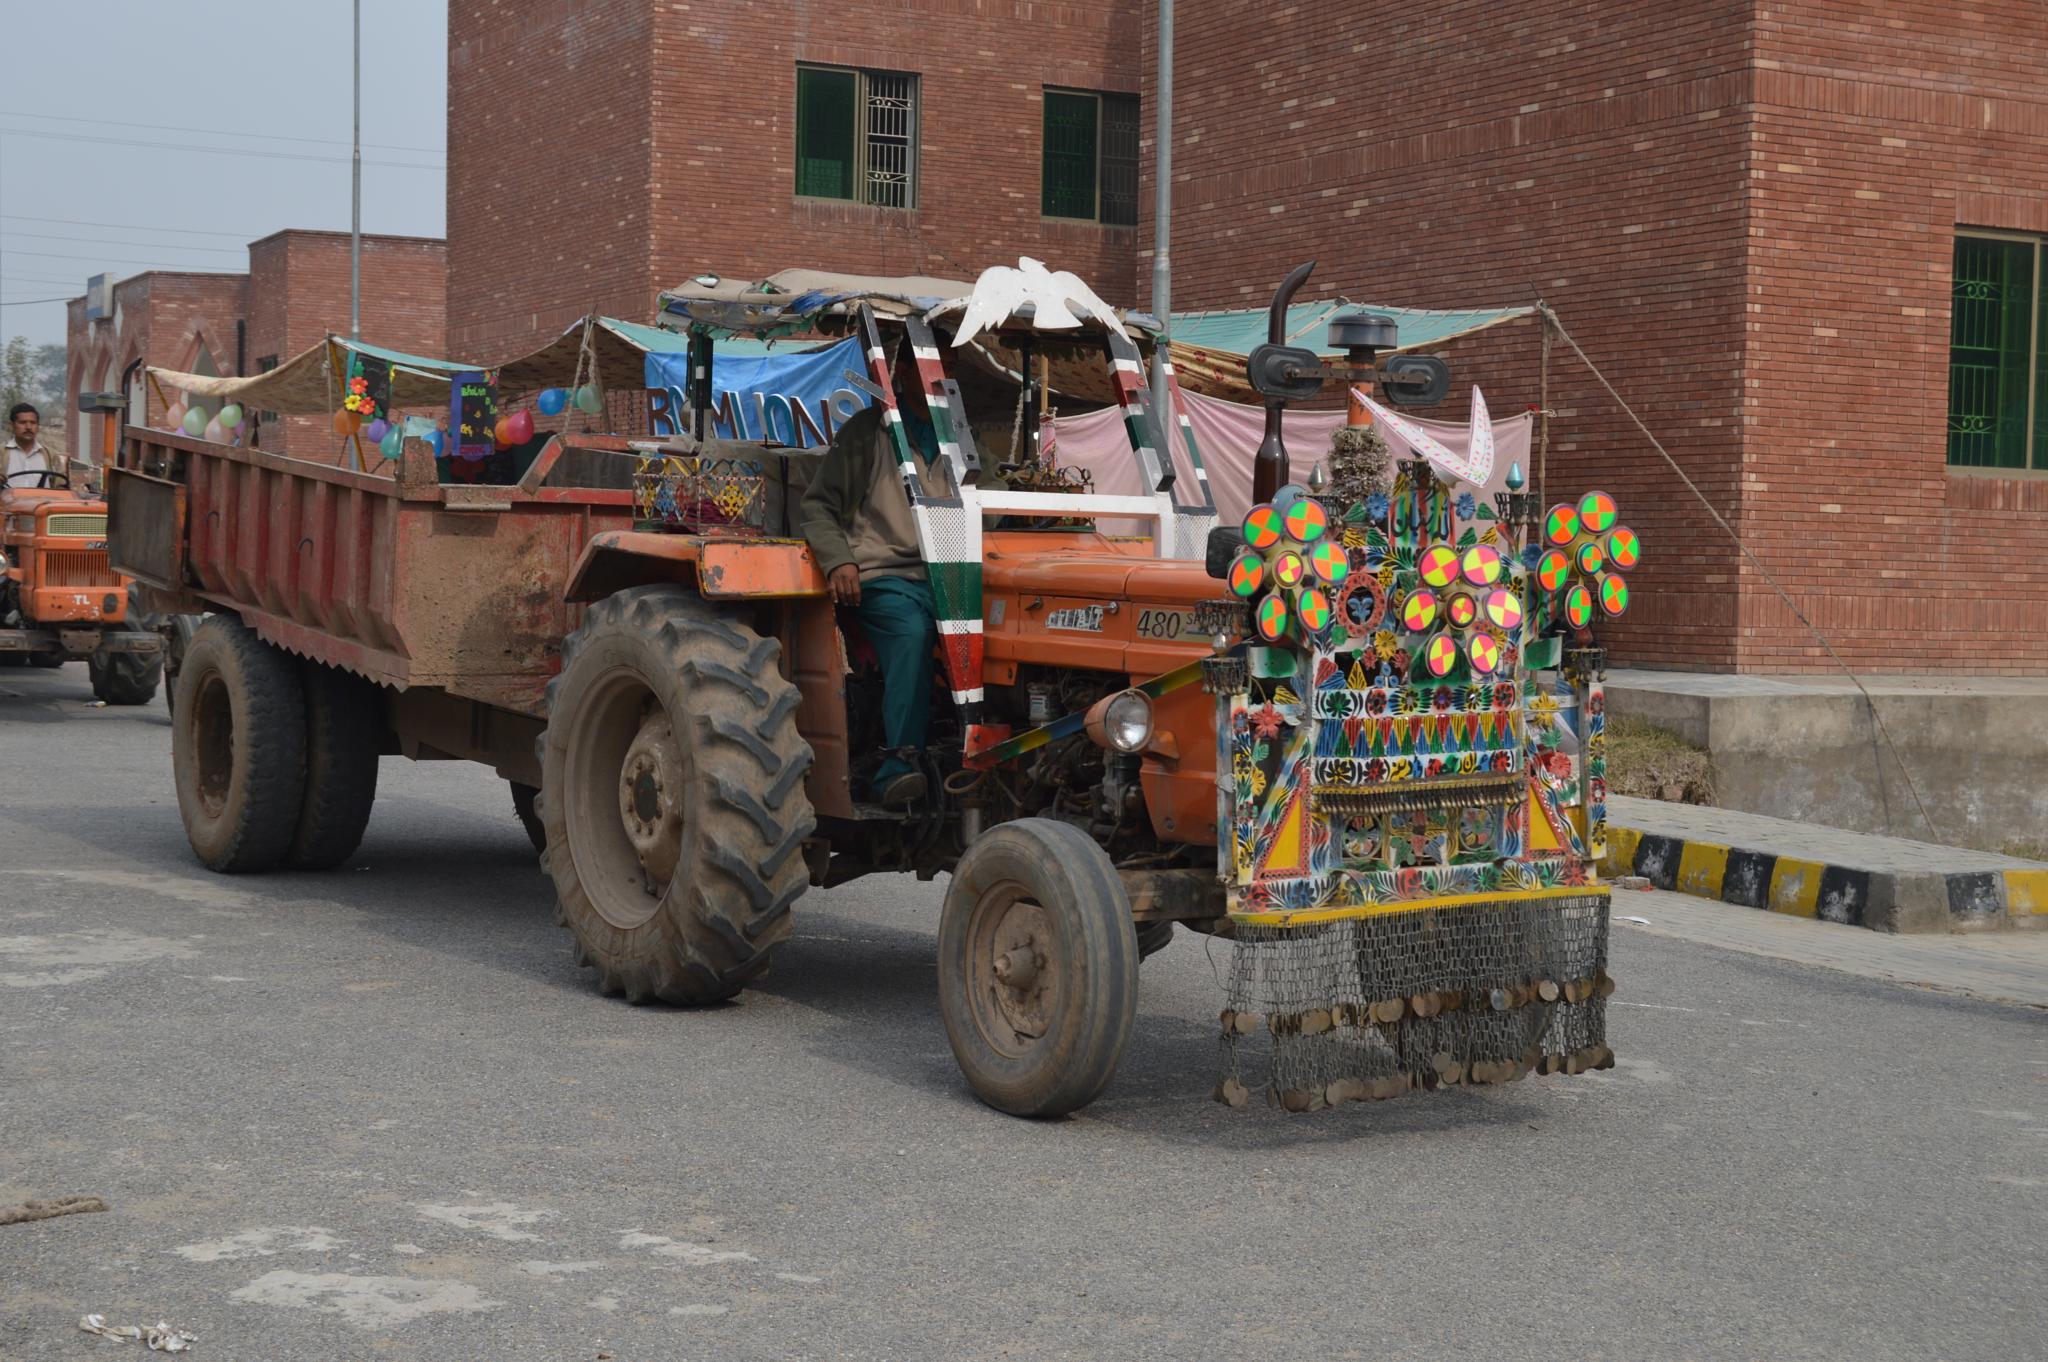 A Traditional Decorated Tractor of Pakistani Style    by pervaiz_jiu-jitsu